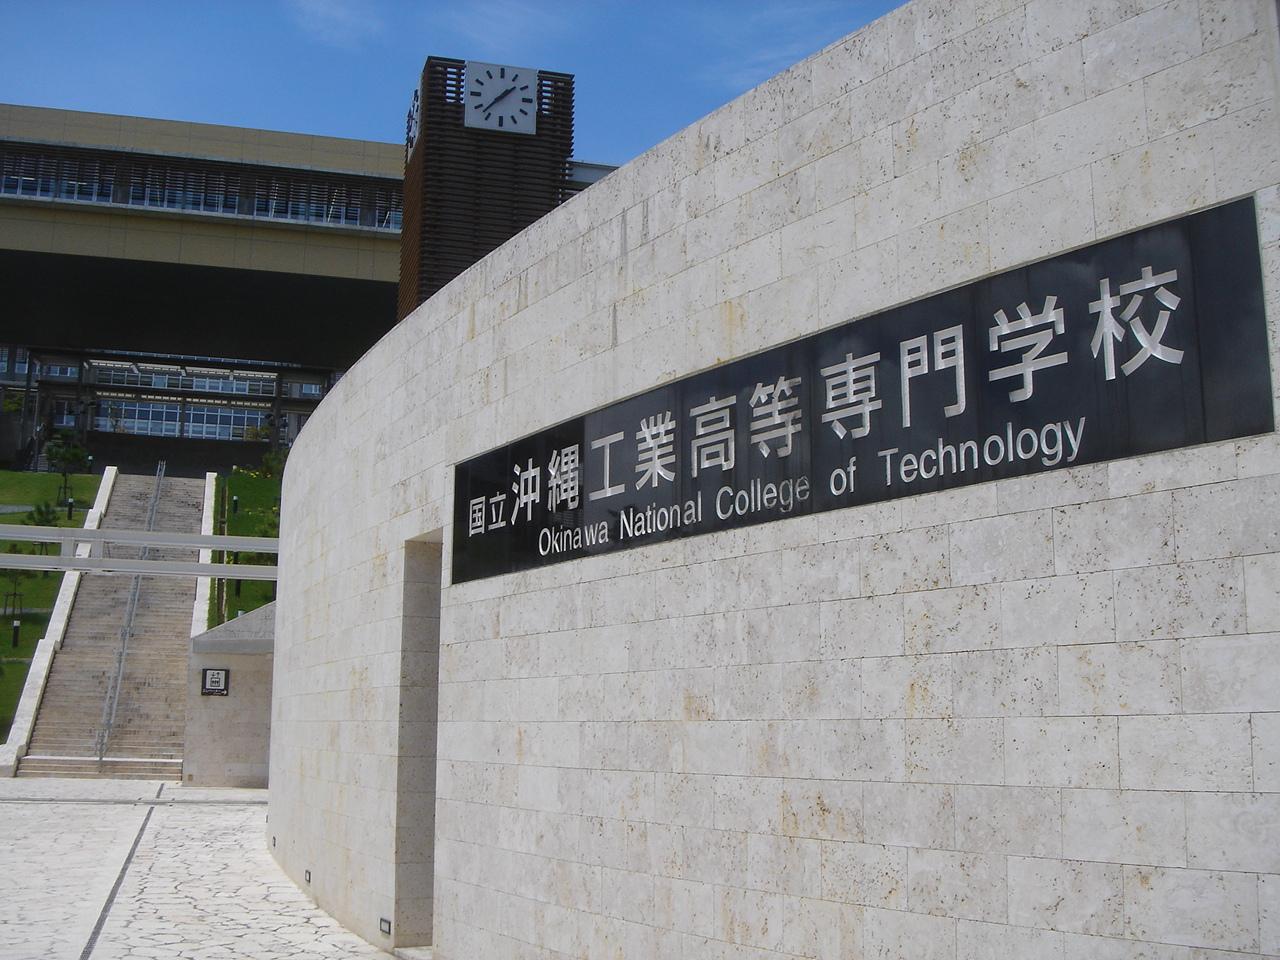 沖縄高専の意義と未来